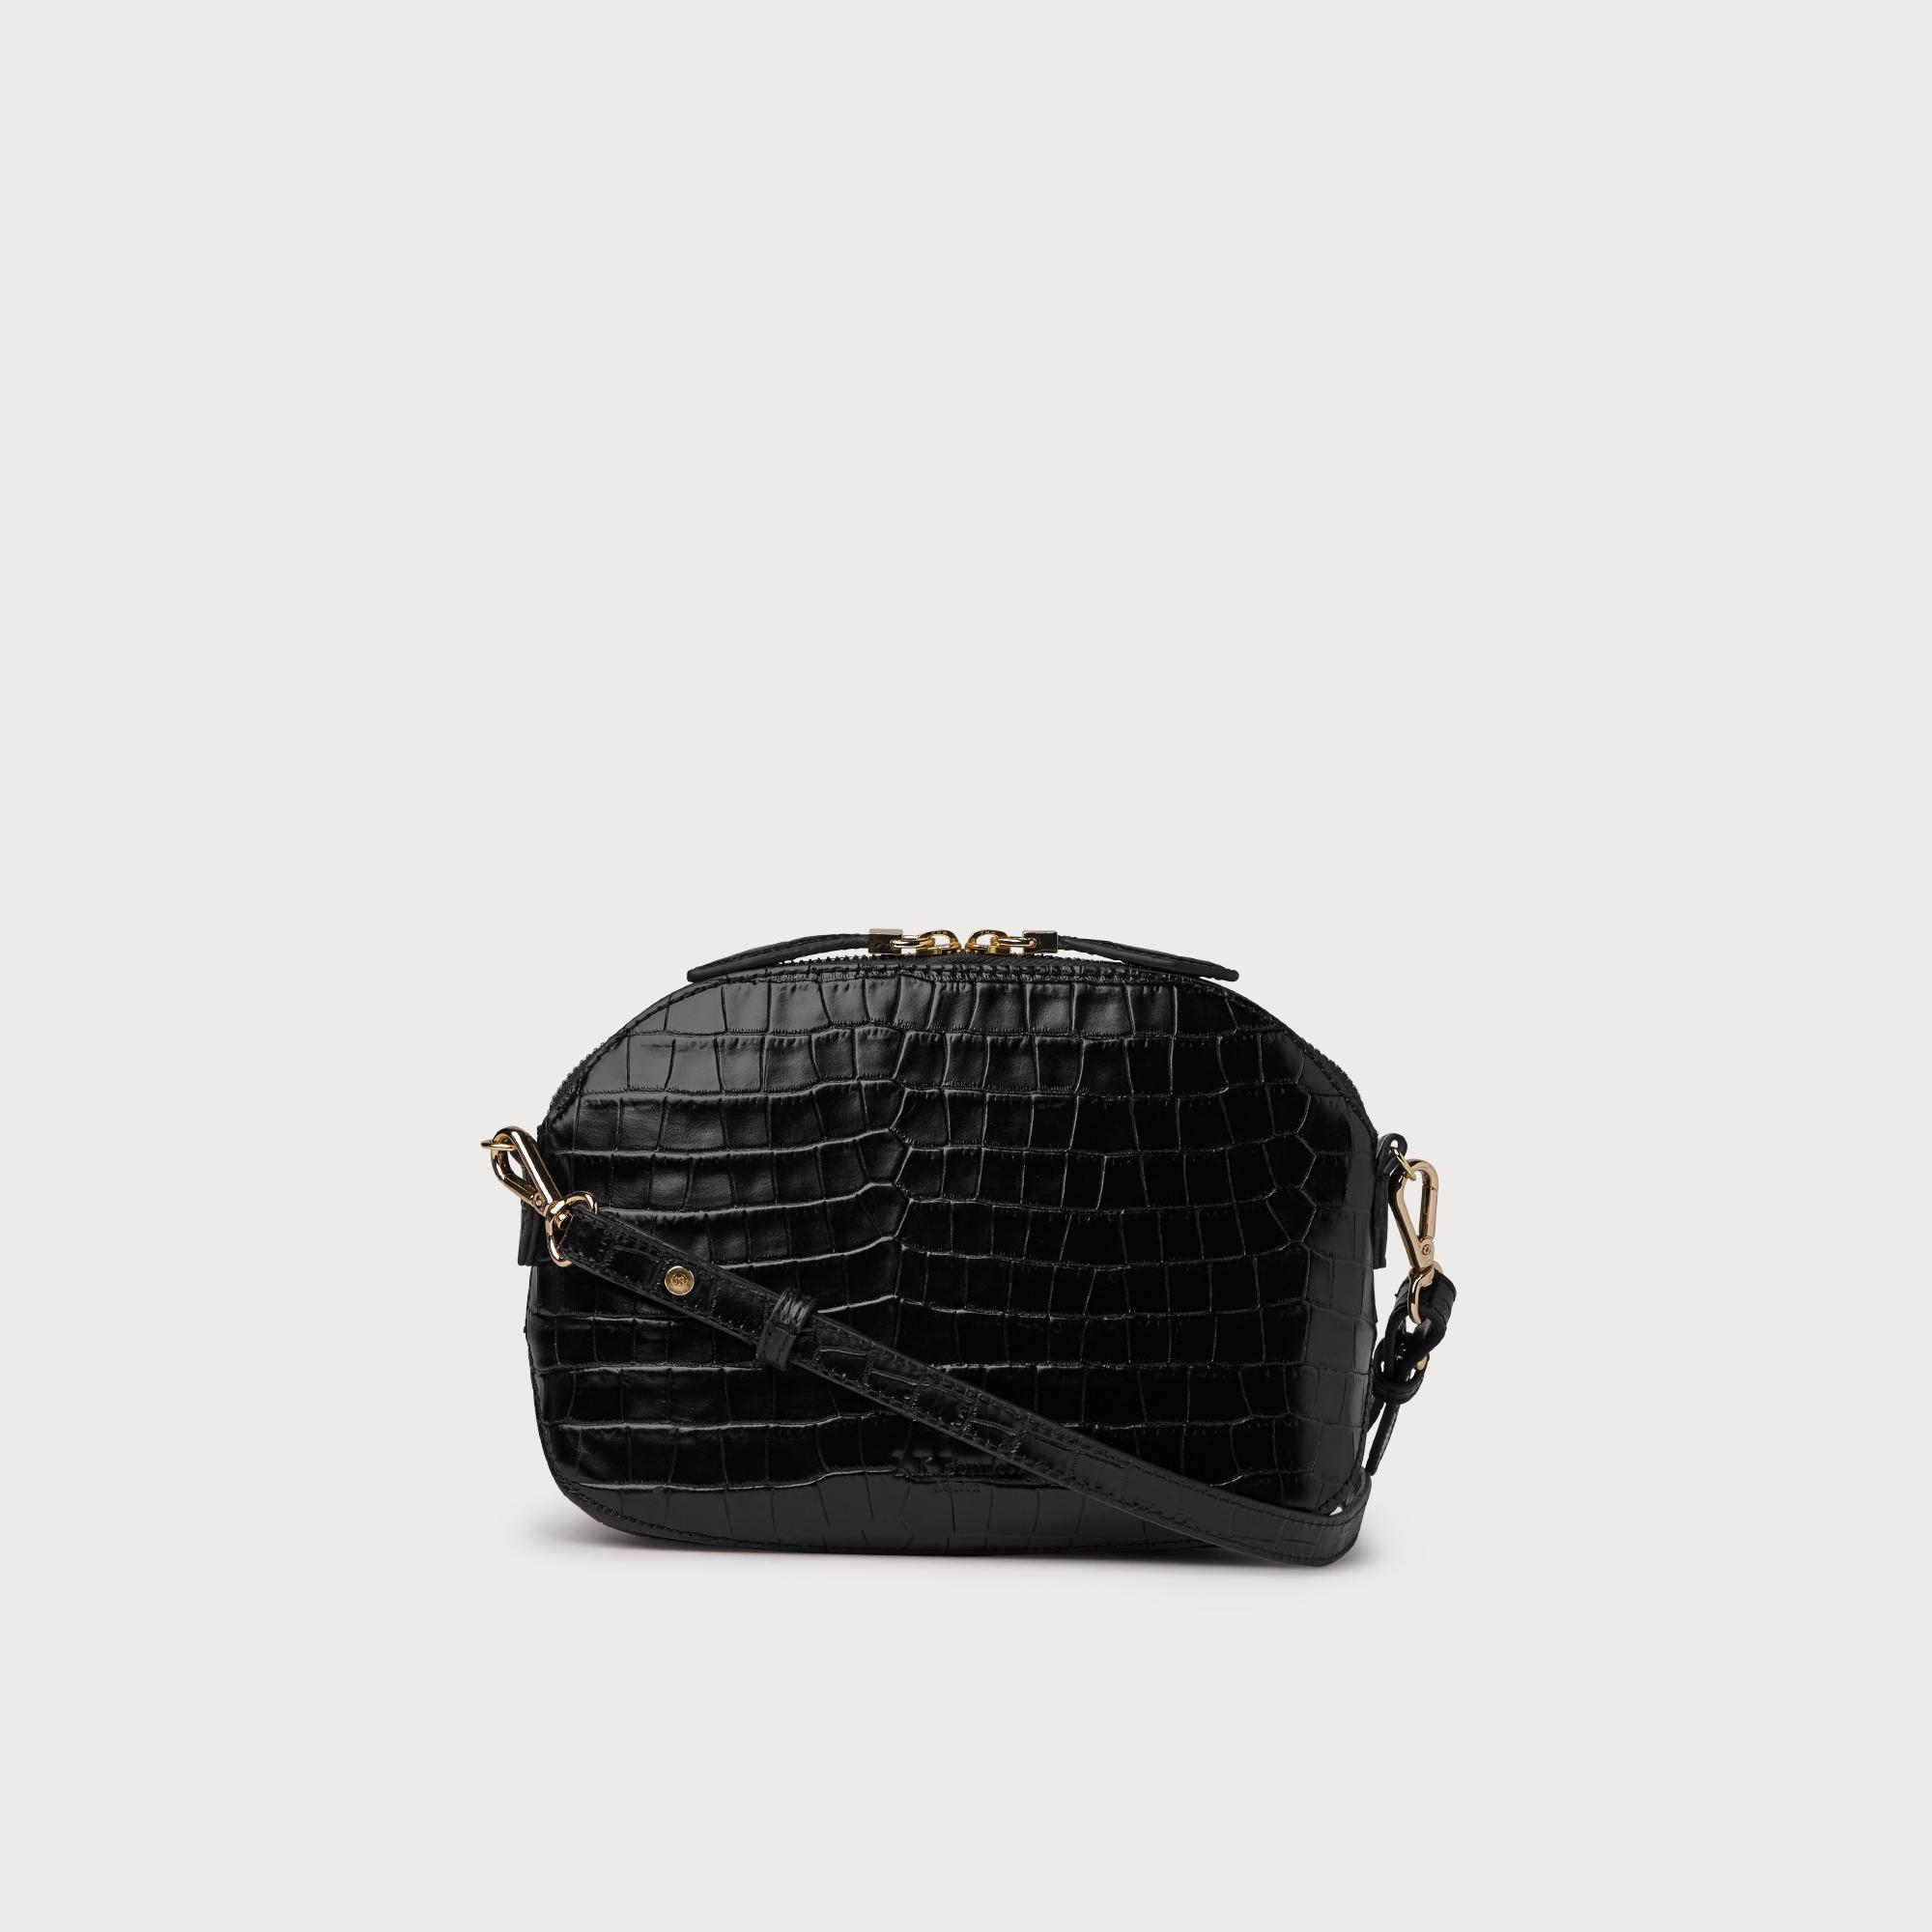 Candice Black Croc Effect Shoulder Bag